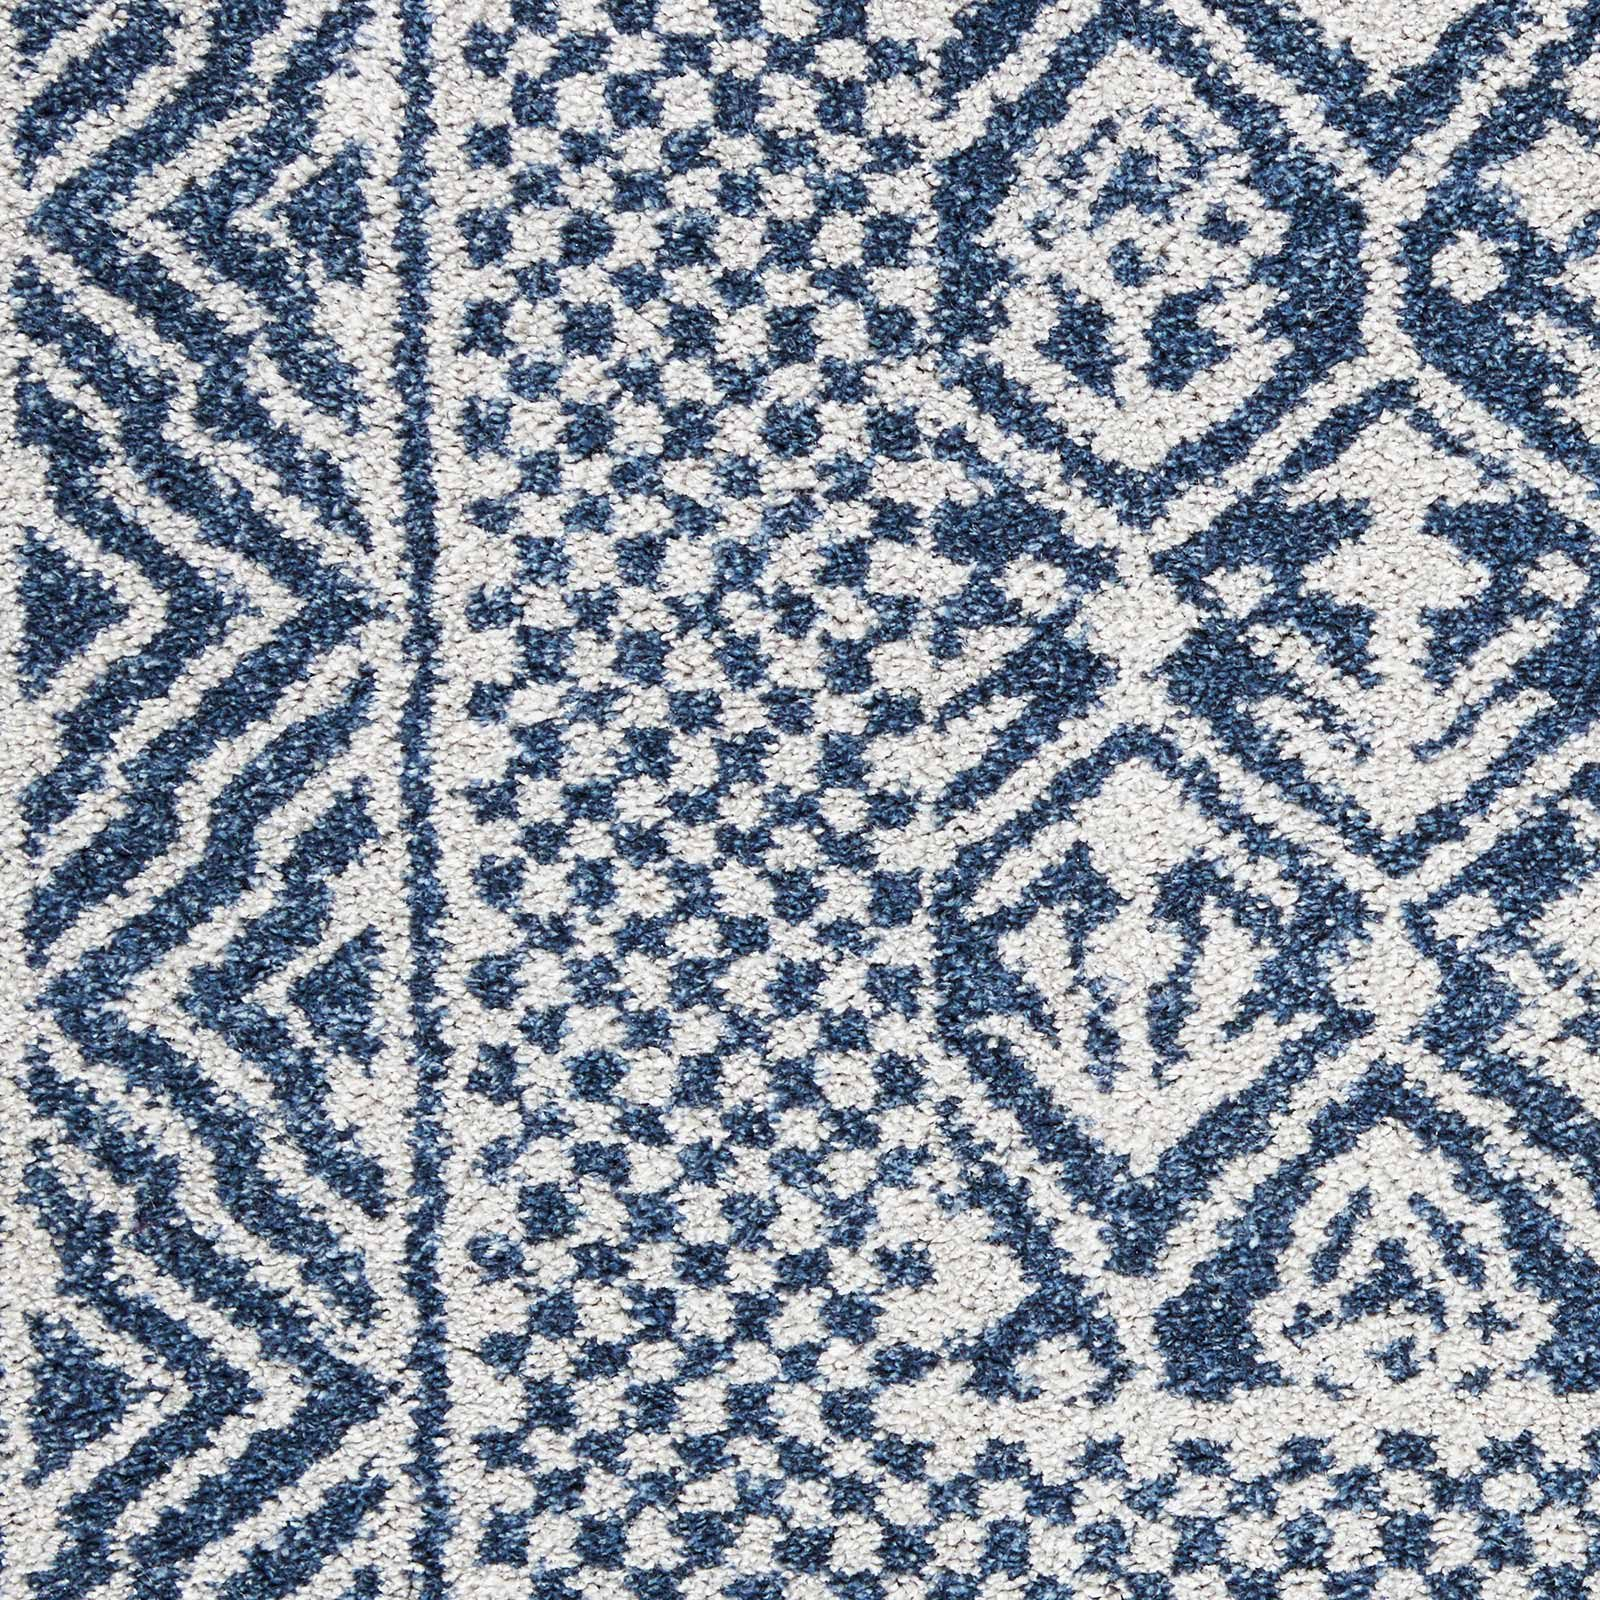 Nourison rug Palermo PMR01 BLUE GREY 5x7 099446719669 swatch C